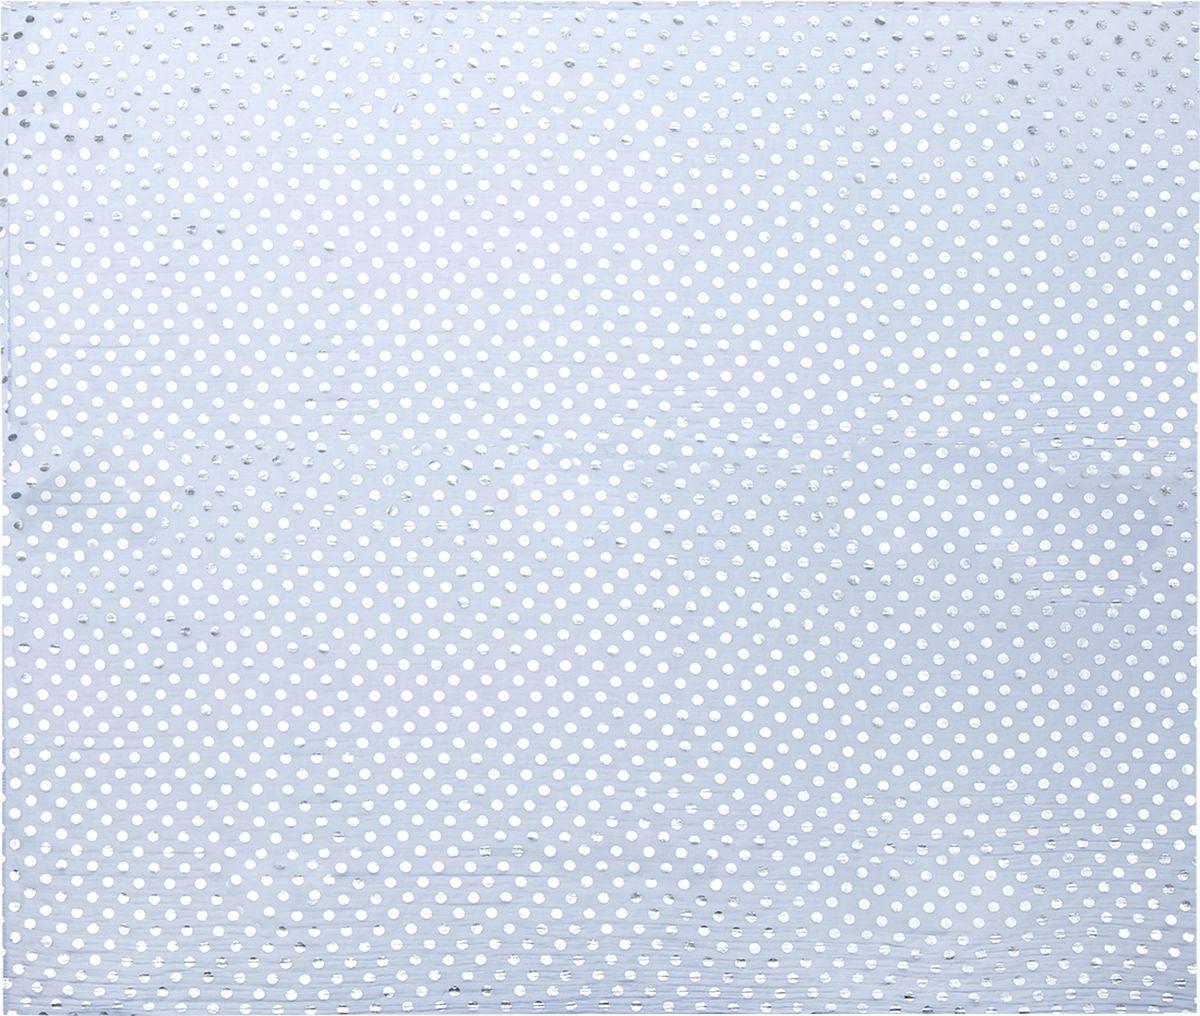 Палантин Labbra, цвет: голубой. LFA11-545. Размер 100 см х 180 смLFA11-545Палантин Labbra изготовлен из модала. Изделие оформлено принтом в горох.Этот модный аксессуар гармонично дополнит образ современной женщины, следящей за своим имиджем и стремящейся всегда оставаться стильной и элегантной.